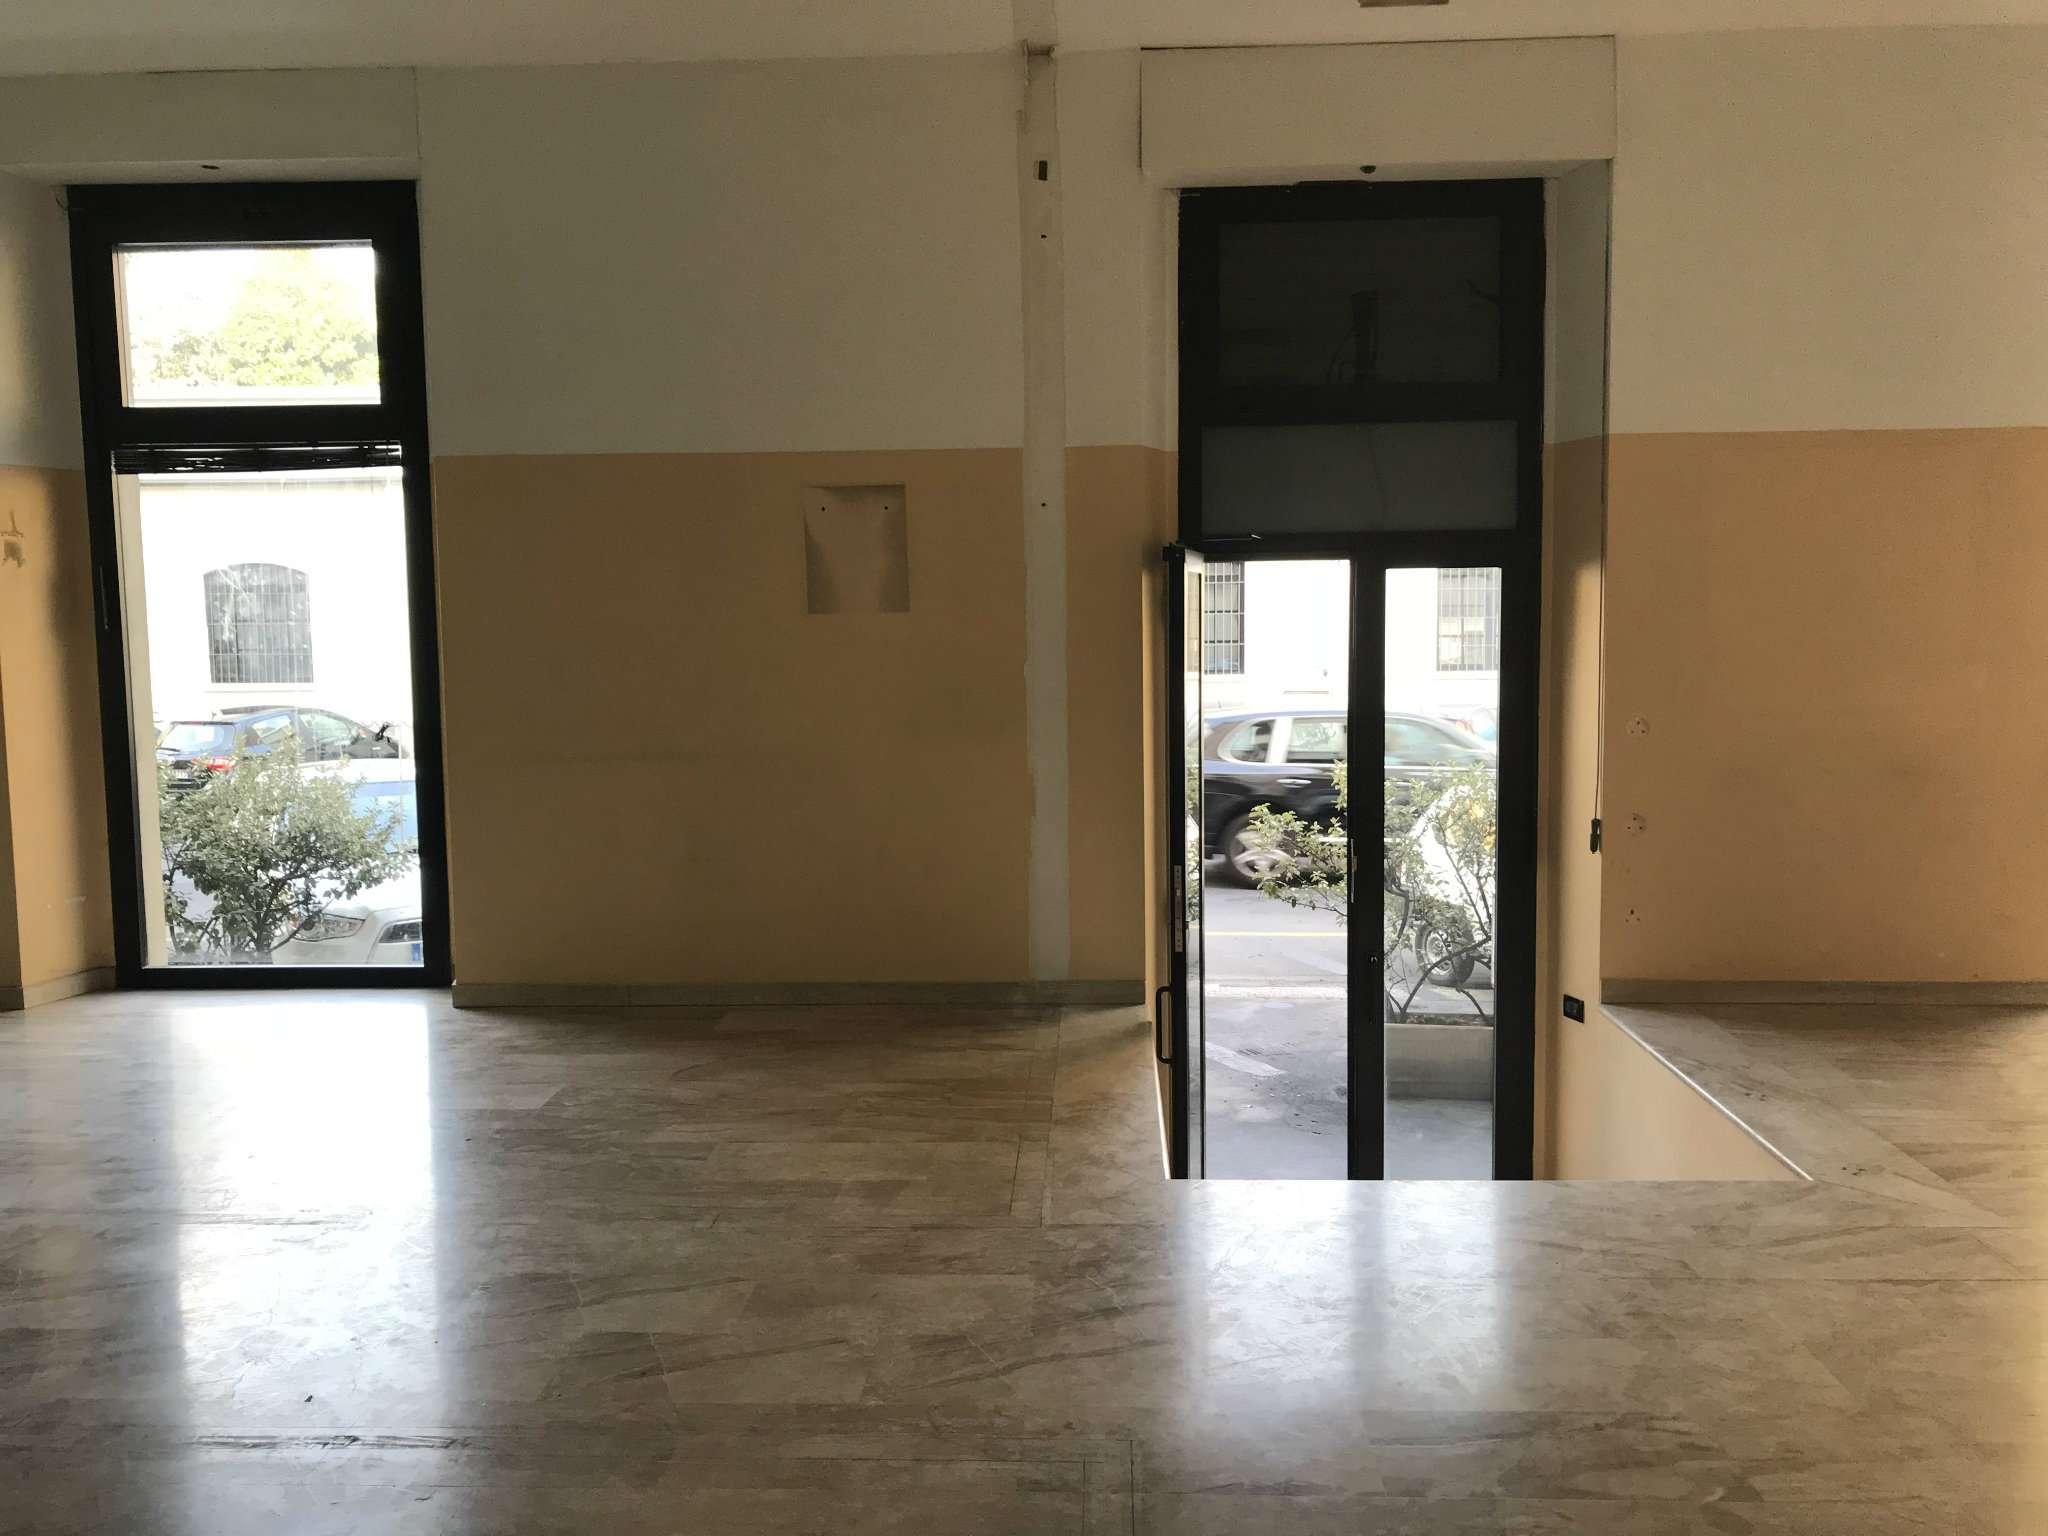 Ufficio-studio in Affitto a Milano 06 Italia / Porta Romana / Bocconi / Lodi:  5 locali, 140 mq  - Foto 1